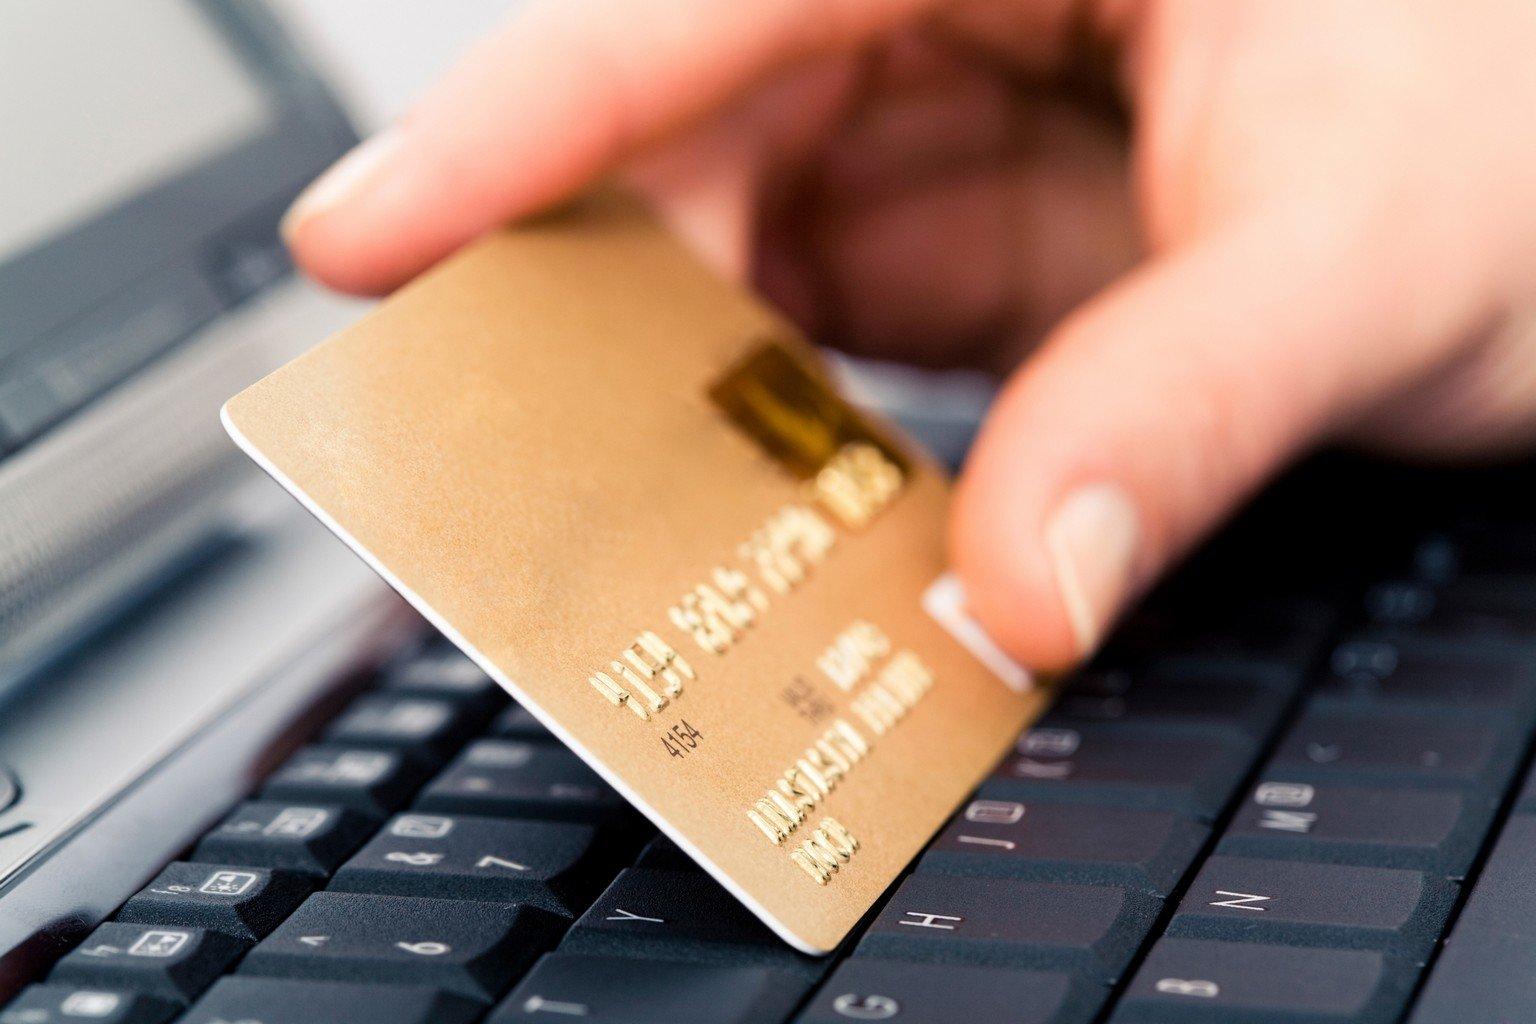 Купить по кредитке, сдать назад товар получить нал можно ли товар получить по договору займа